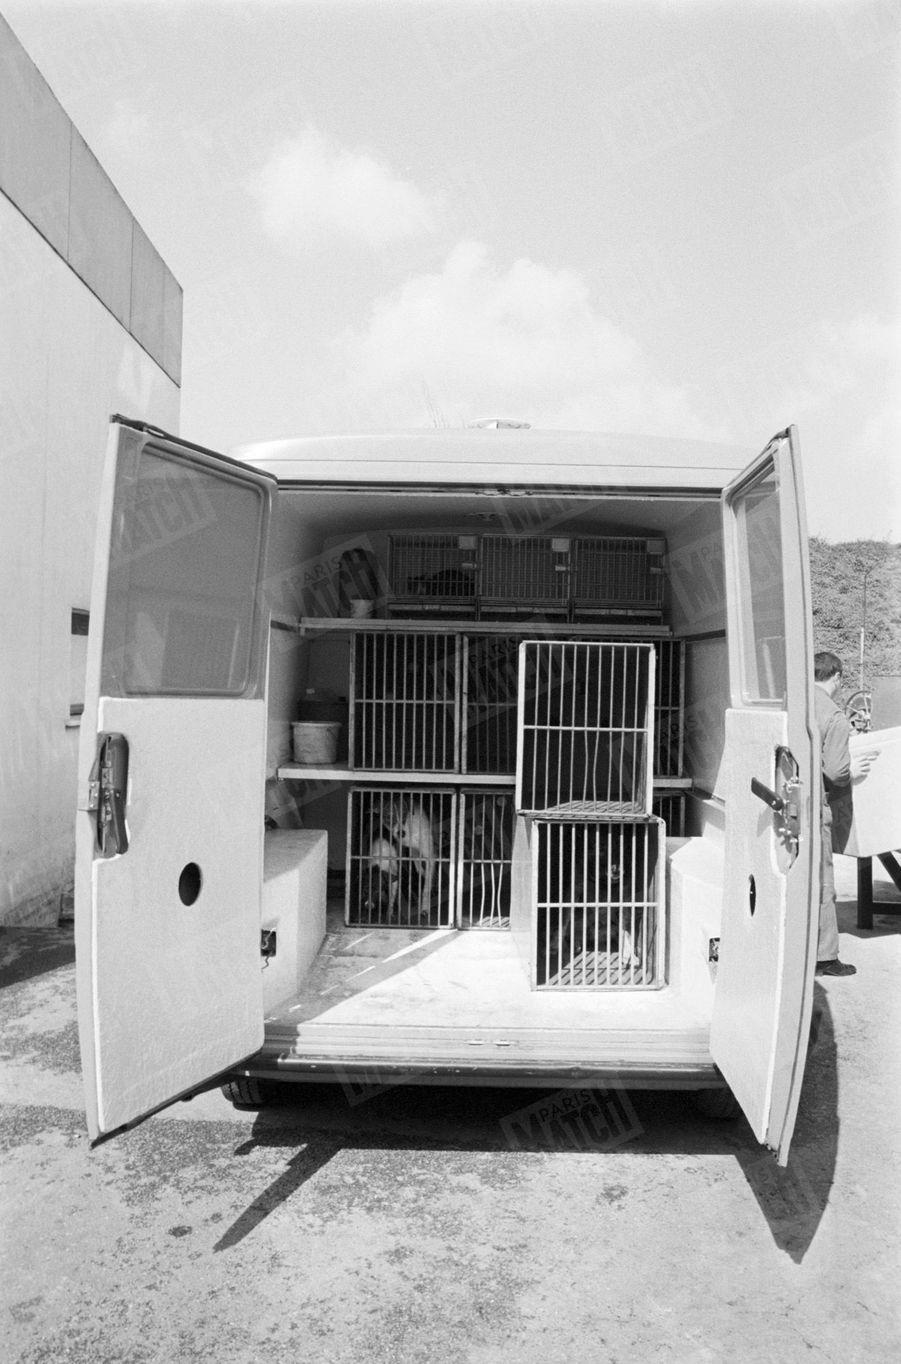 La camionnette qui recueille les chiens errants, avec des cages à l'intérieur.